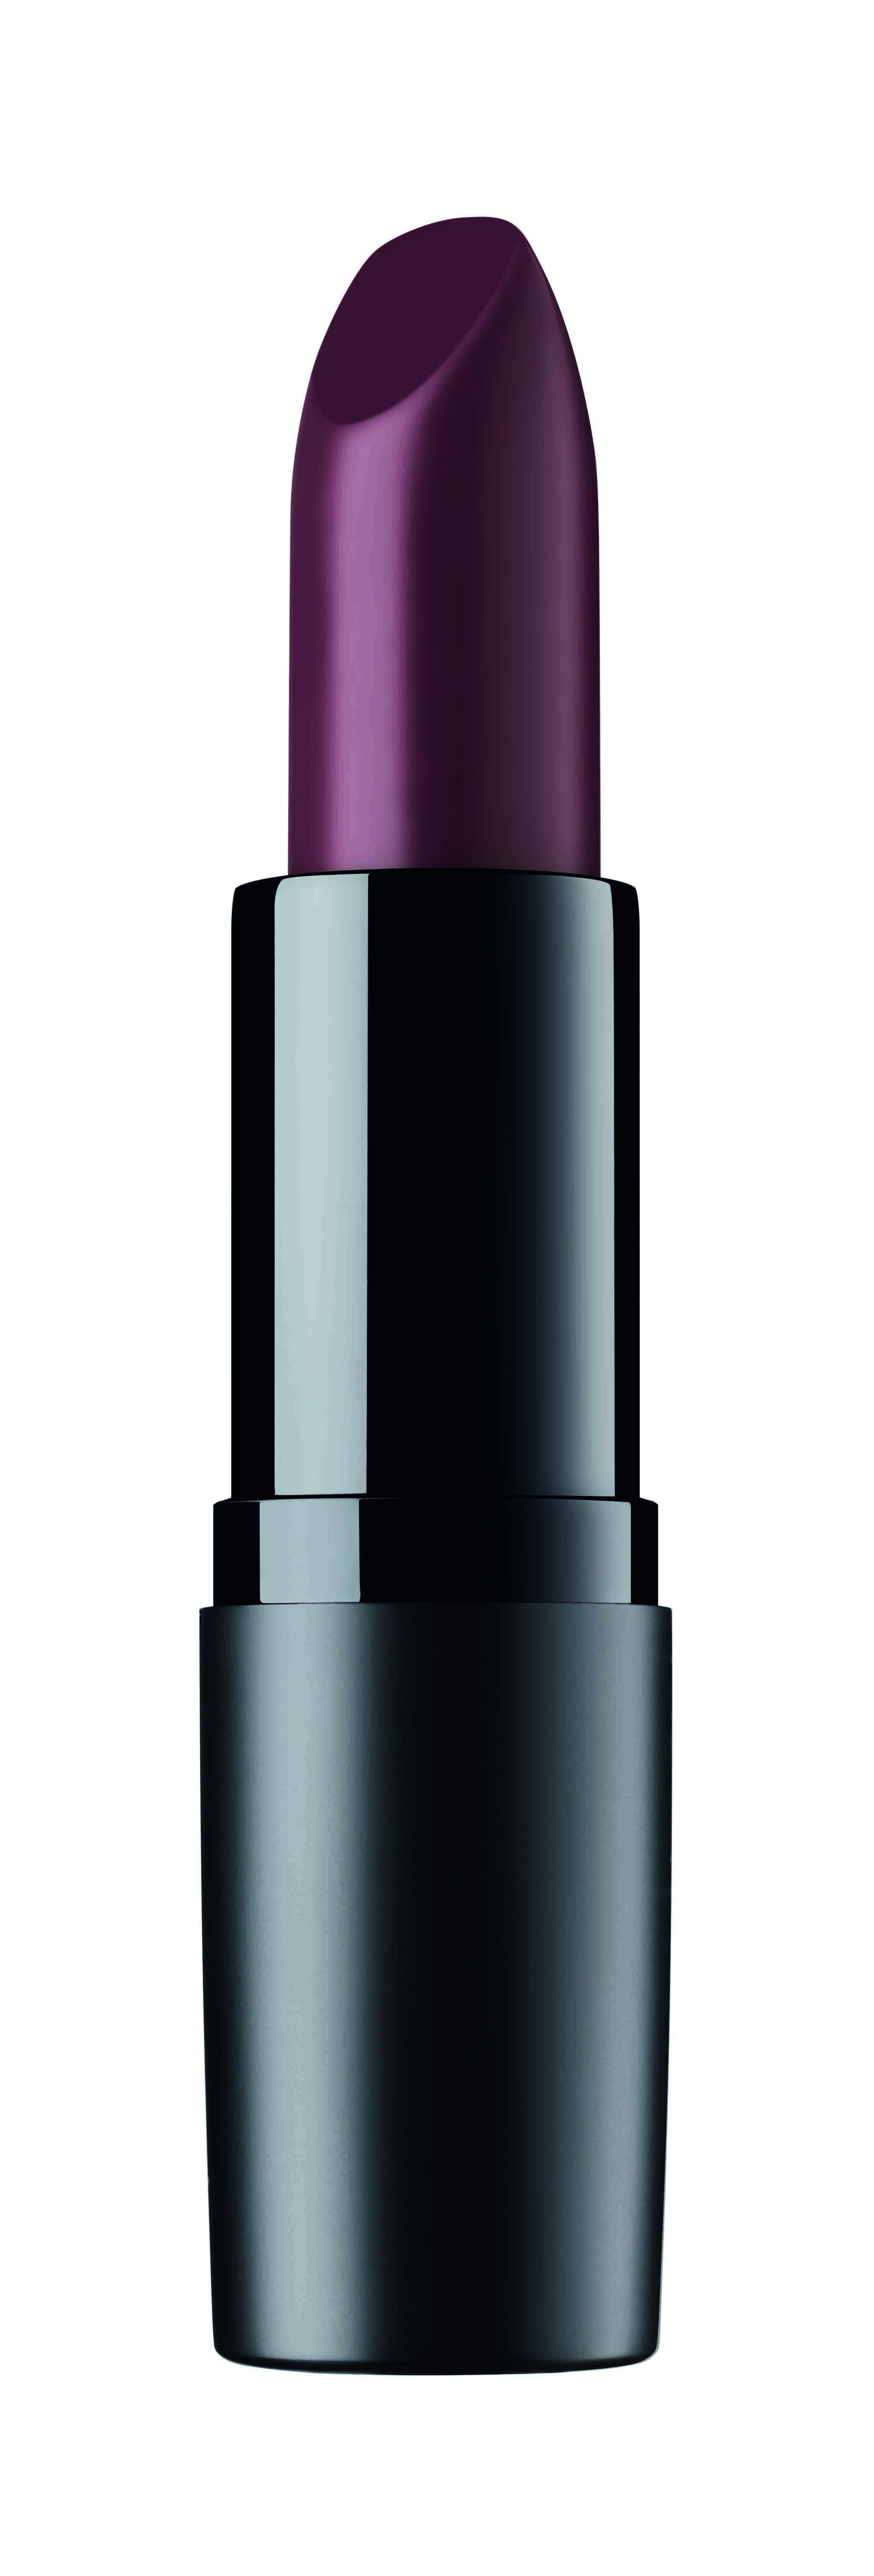 Artdeco помада для губ матовая стойкая Perfect mat lipstick 138 4г134.138Устойчивая помада с матовой текстурой - модный эффект и безупречный макияж губ весь день! Благодаря воскам в составе, помада идеально наносится, равномерно распределяется и не растекается за контуры губ. Интенсивный цвет и бархатная матовая текстура помогают создать яркий и соблазнительный макияж губ.